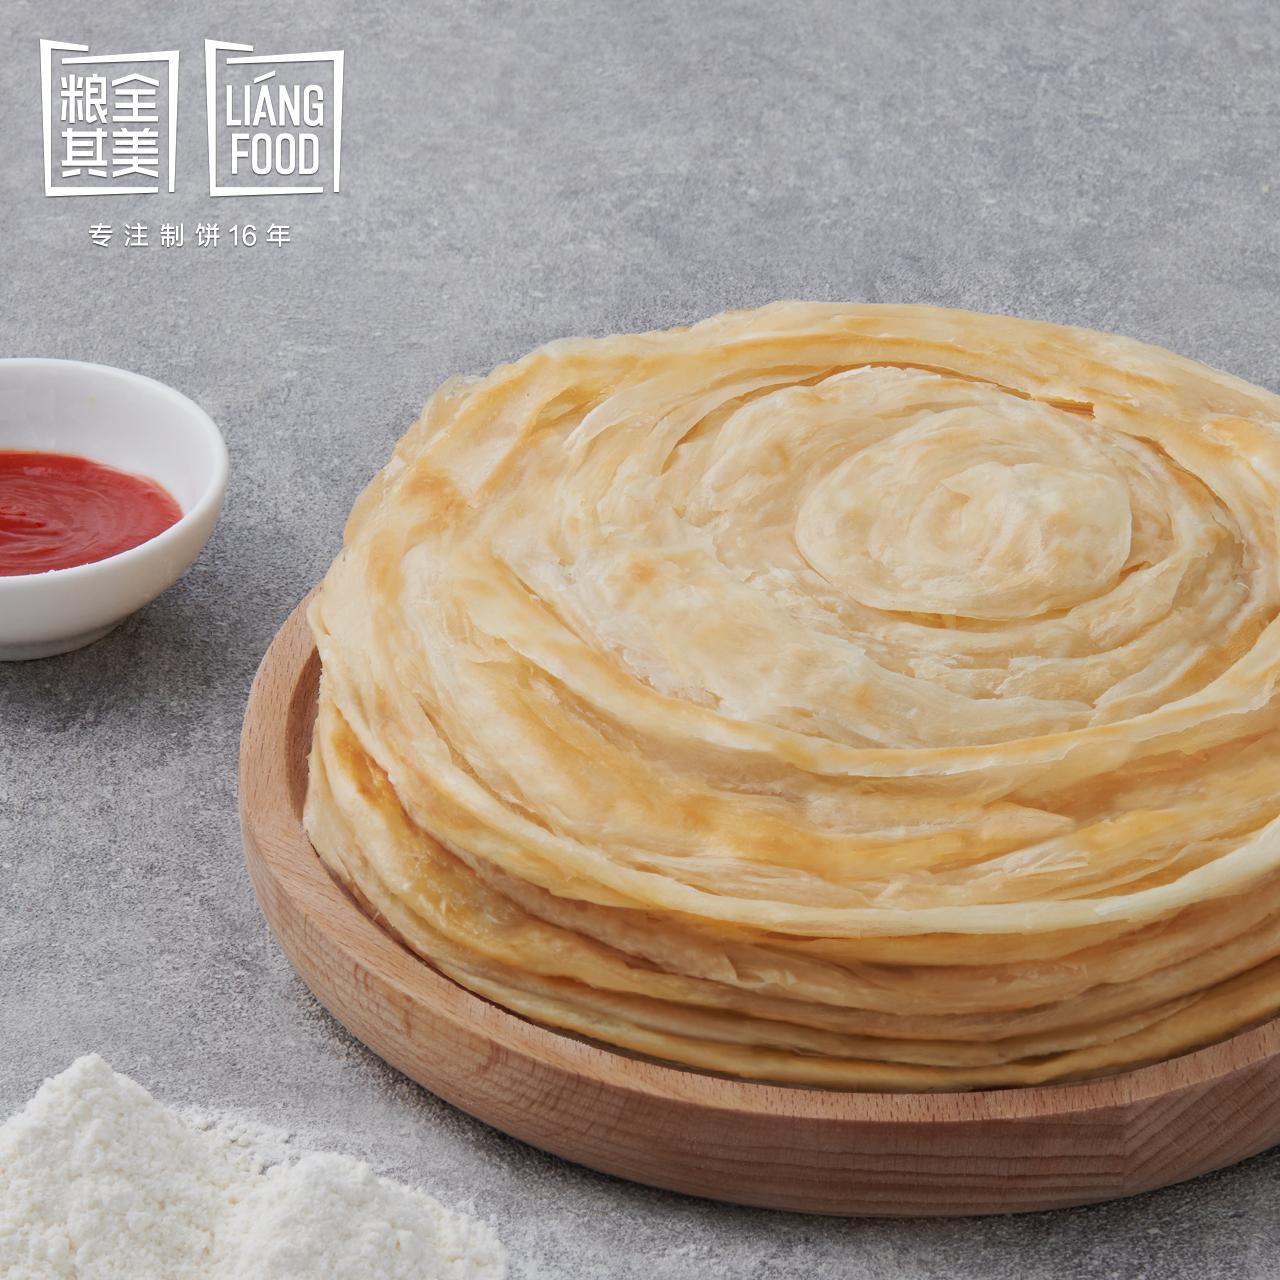 周杰伦粮全其美手抓饼原味家庭装20片